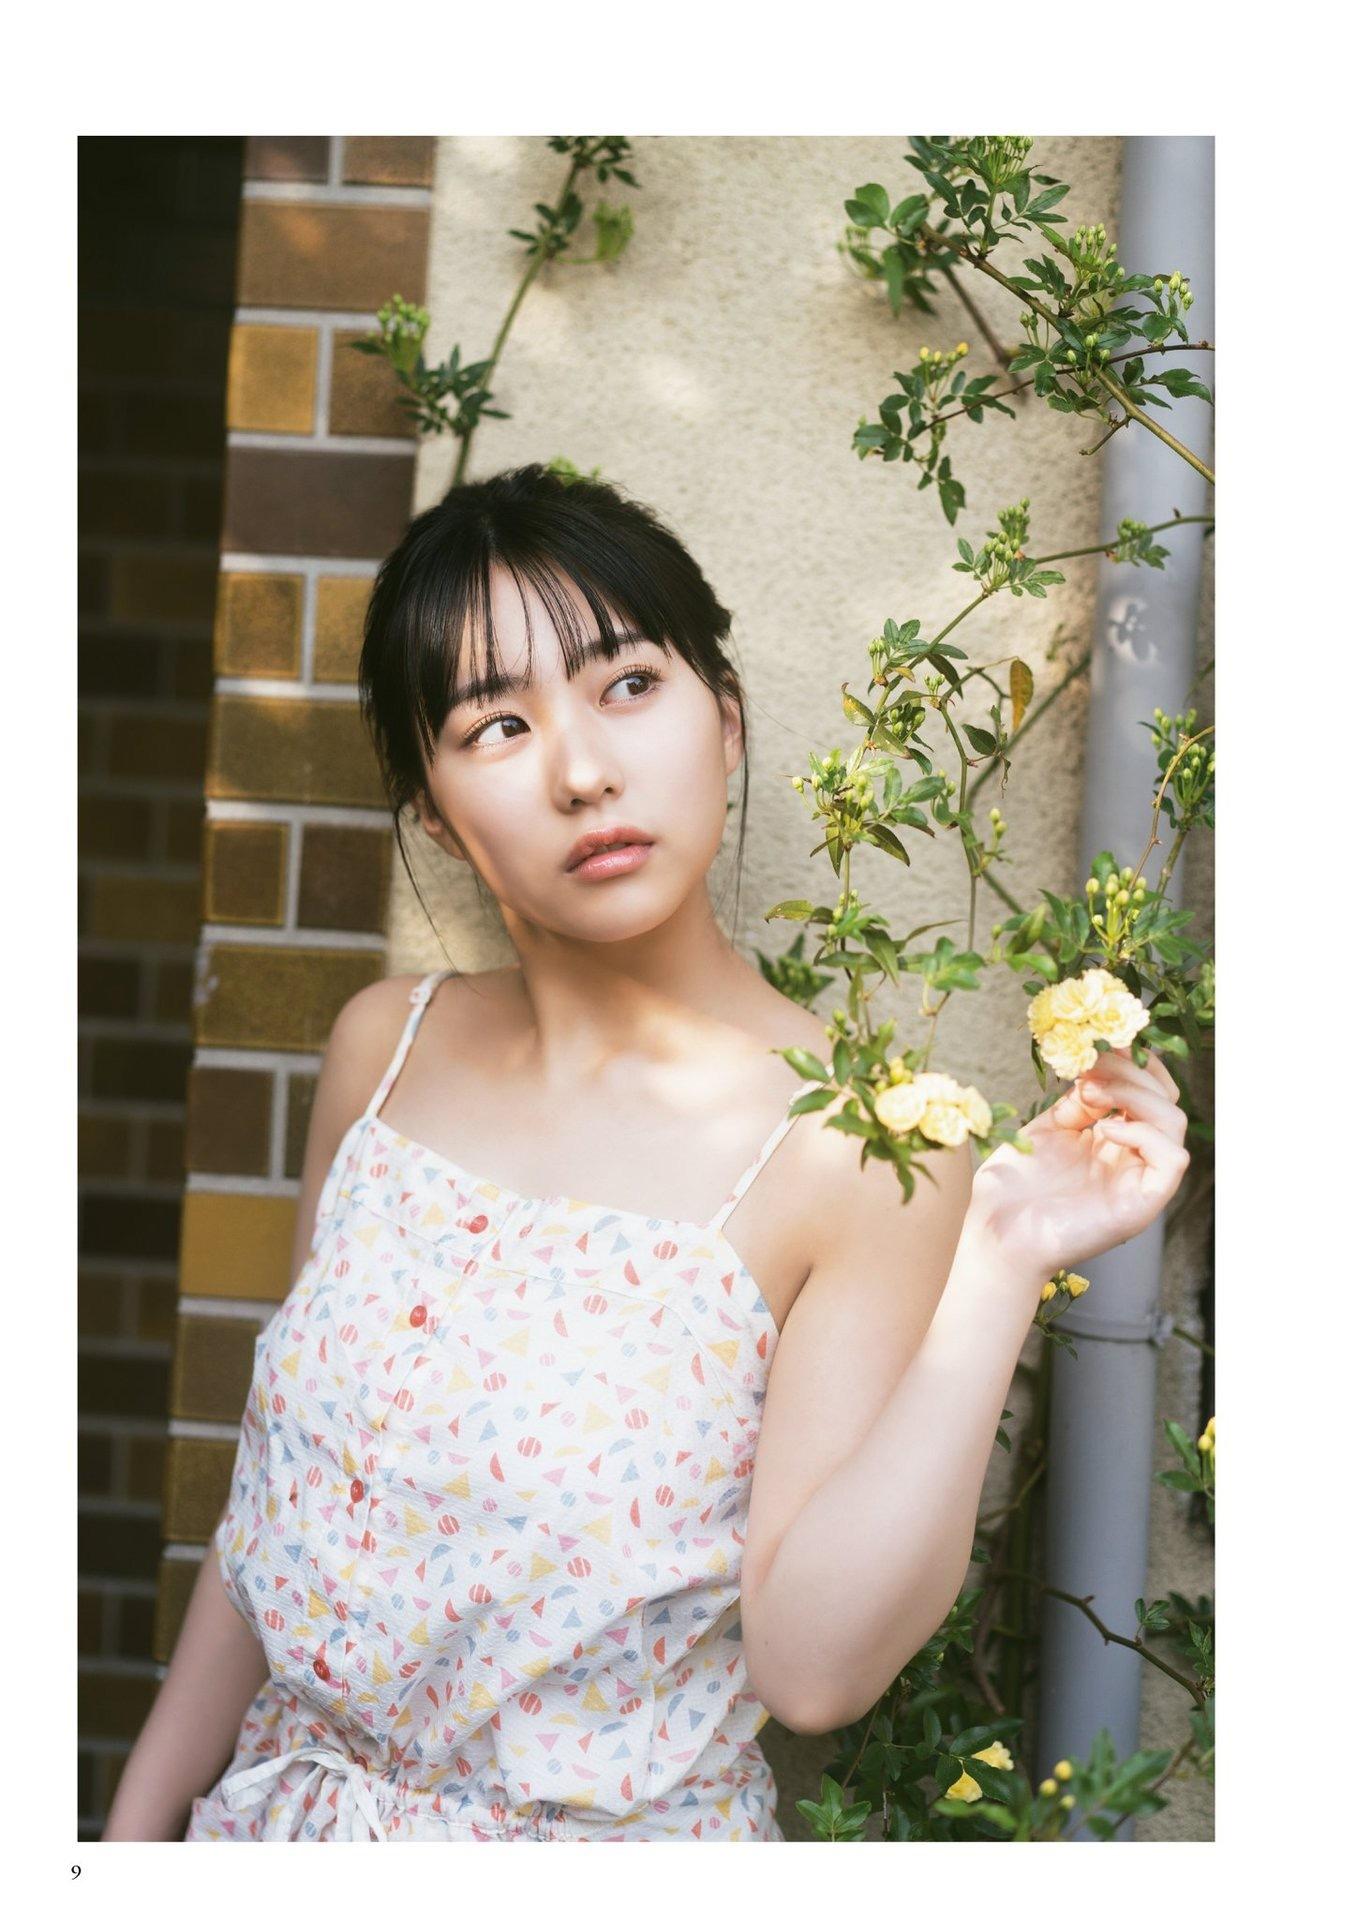 霓虹妹子写真专辑(第2弹)